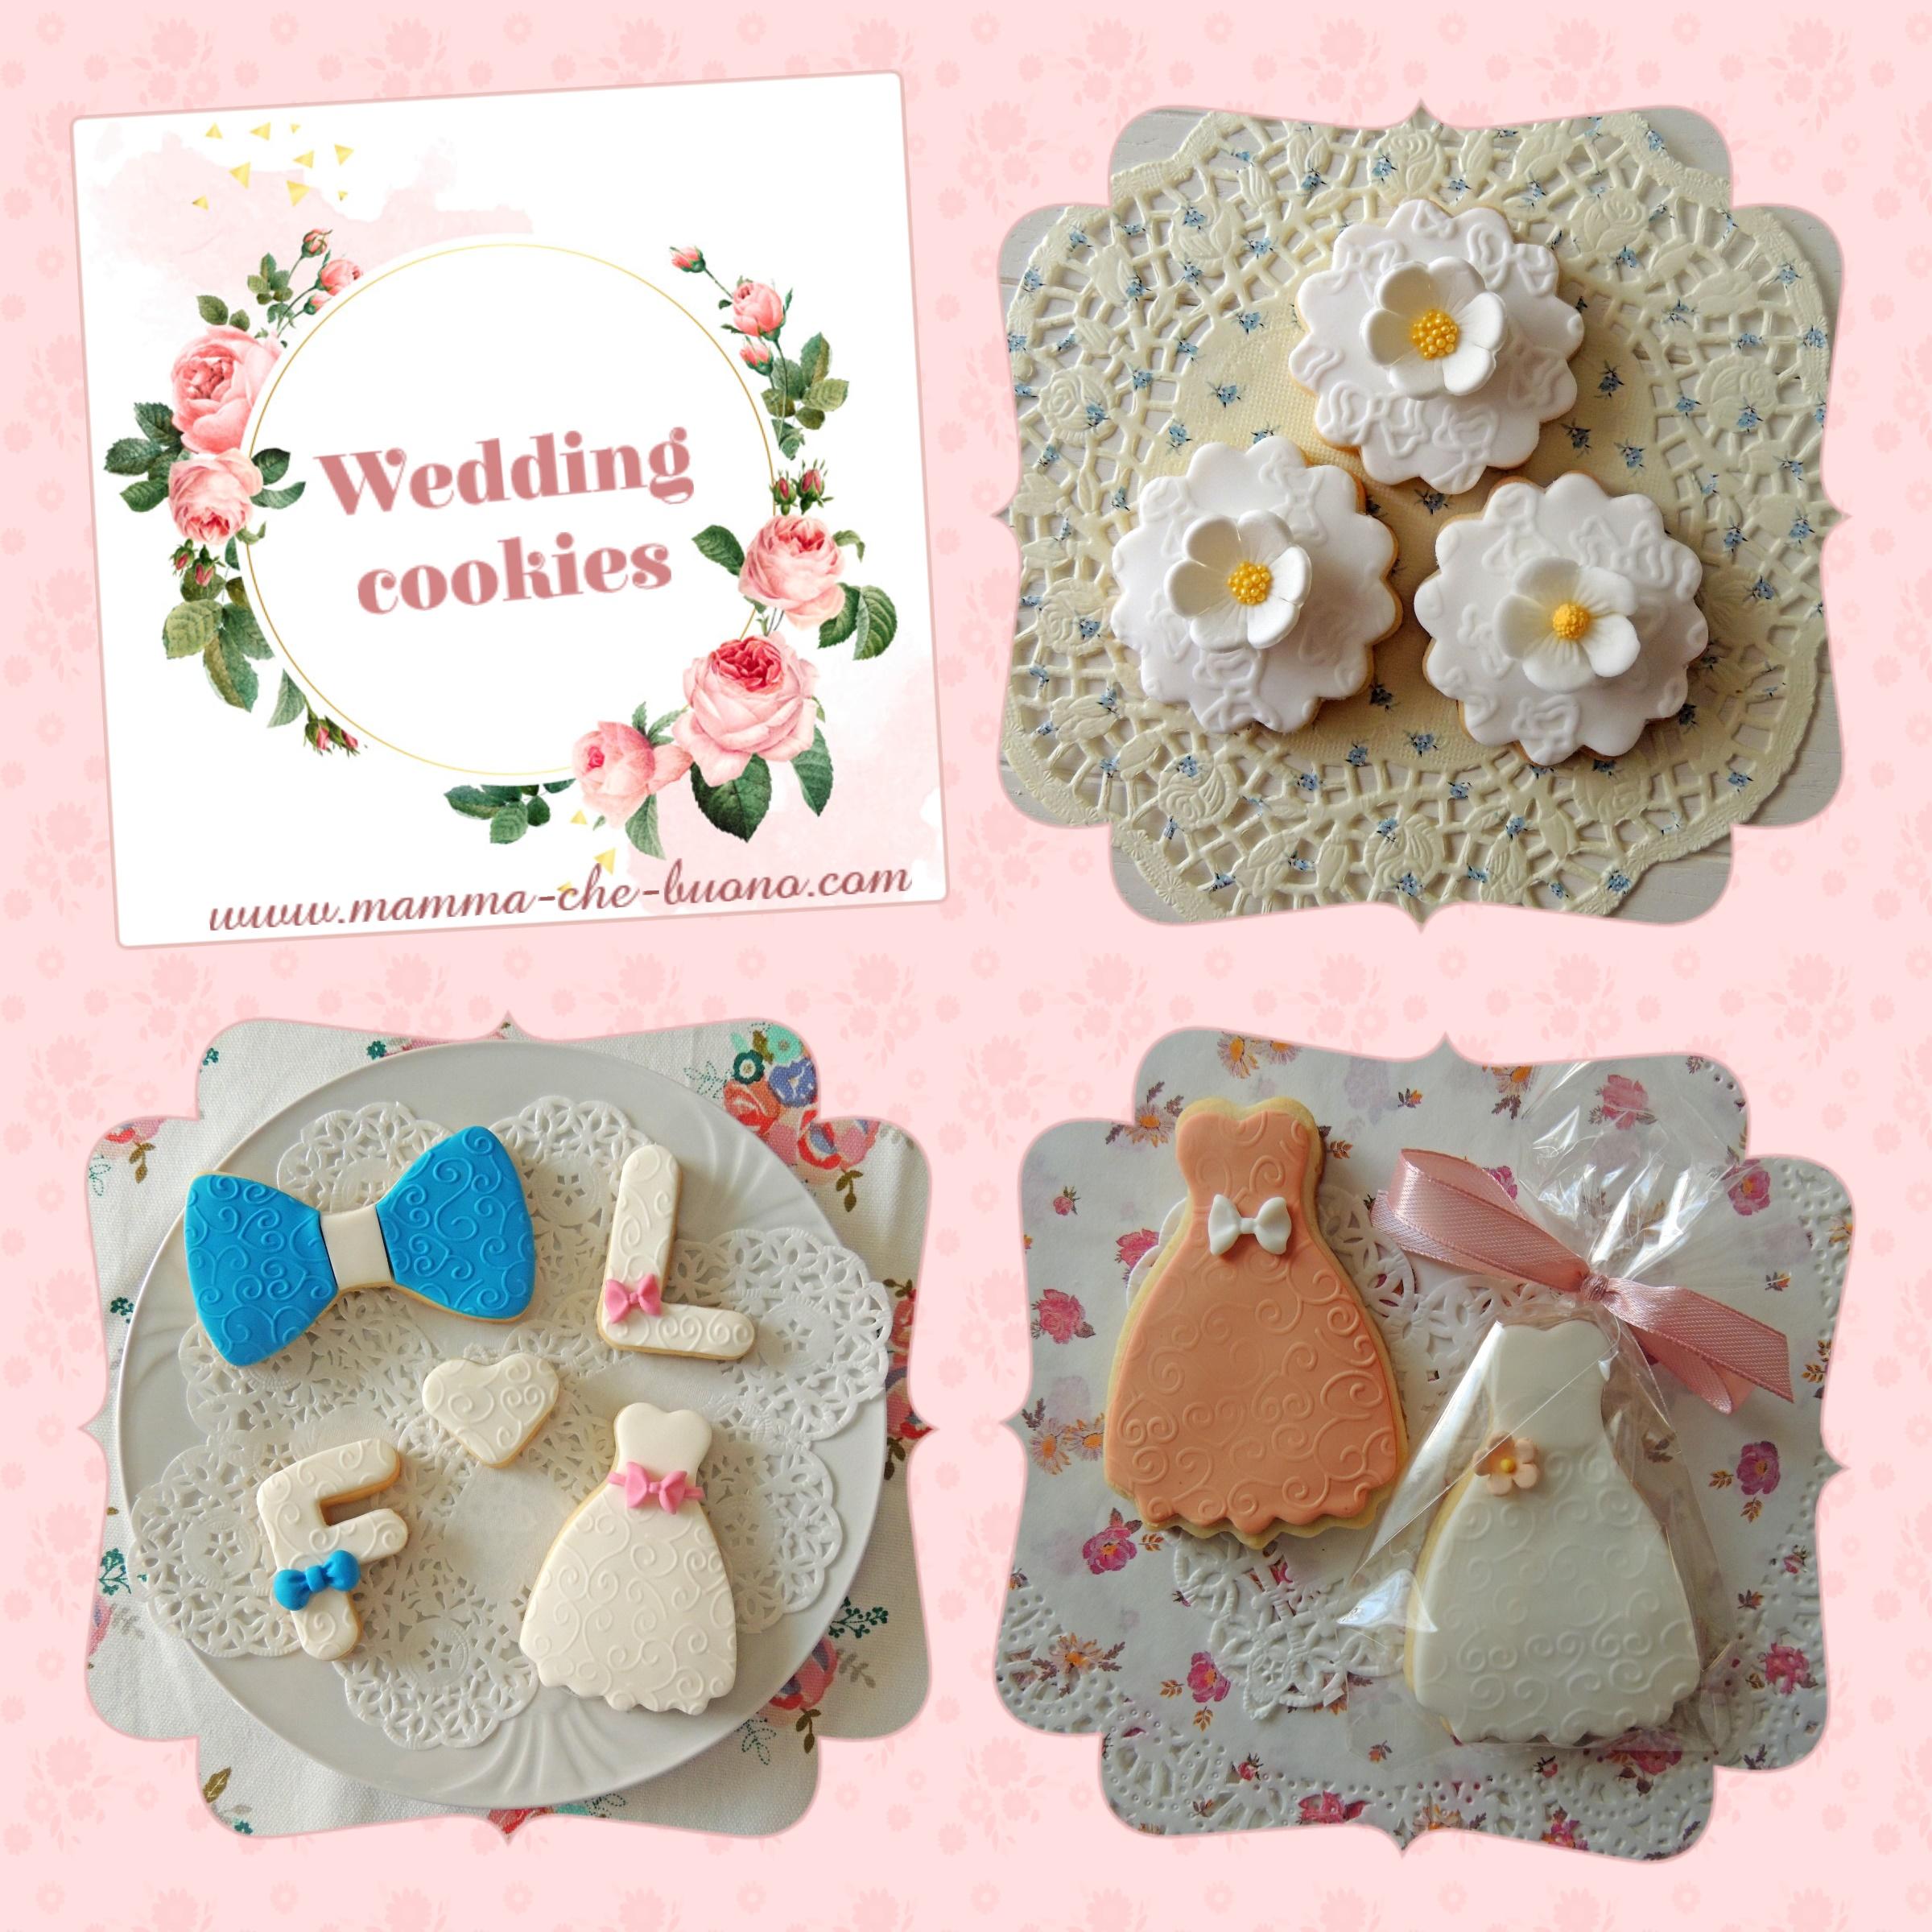 wedding cookies vari1